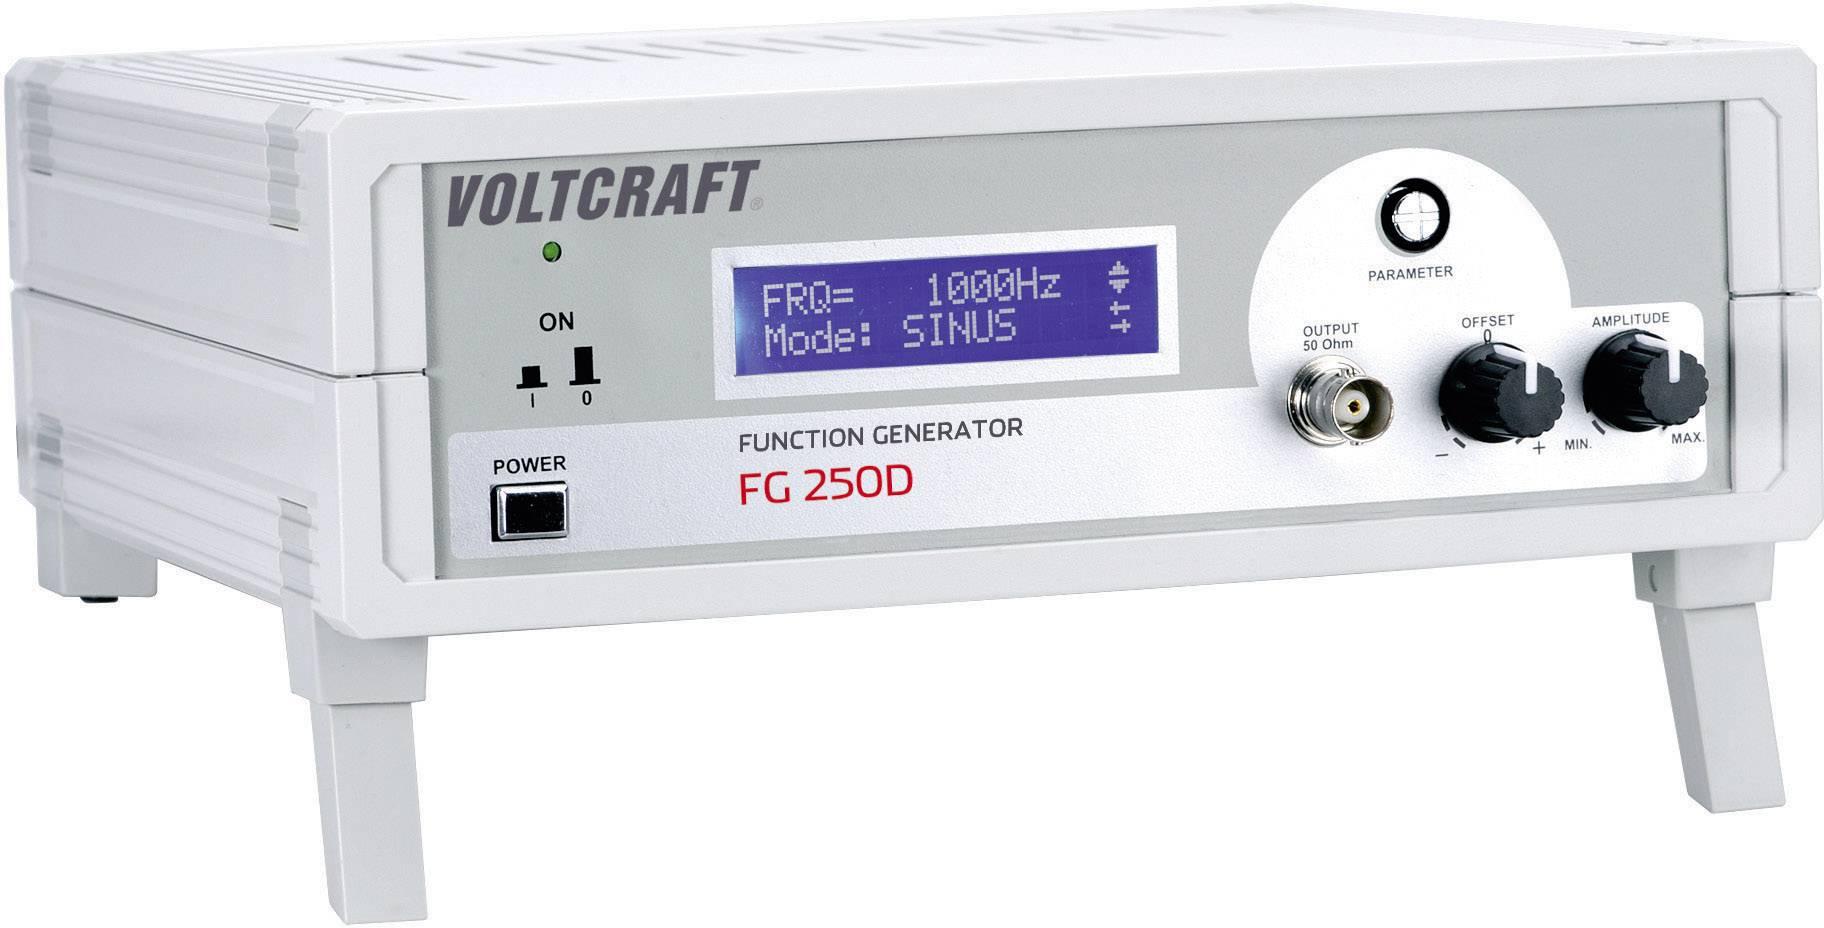 Generátor funkcií Voltcraft FG-250D